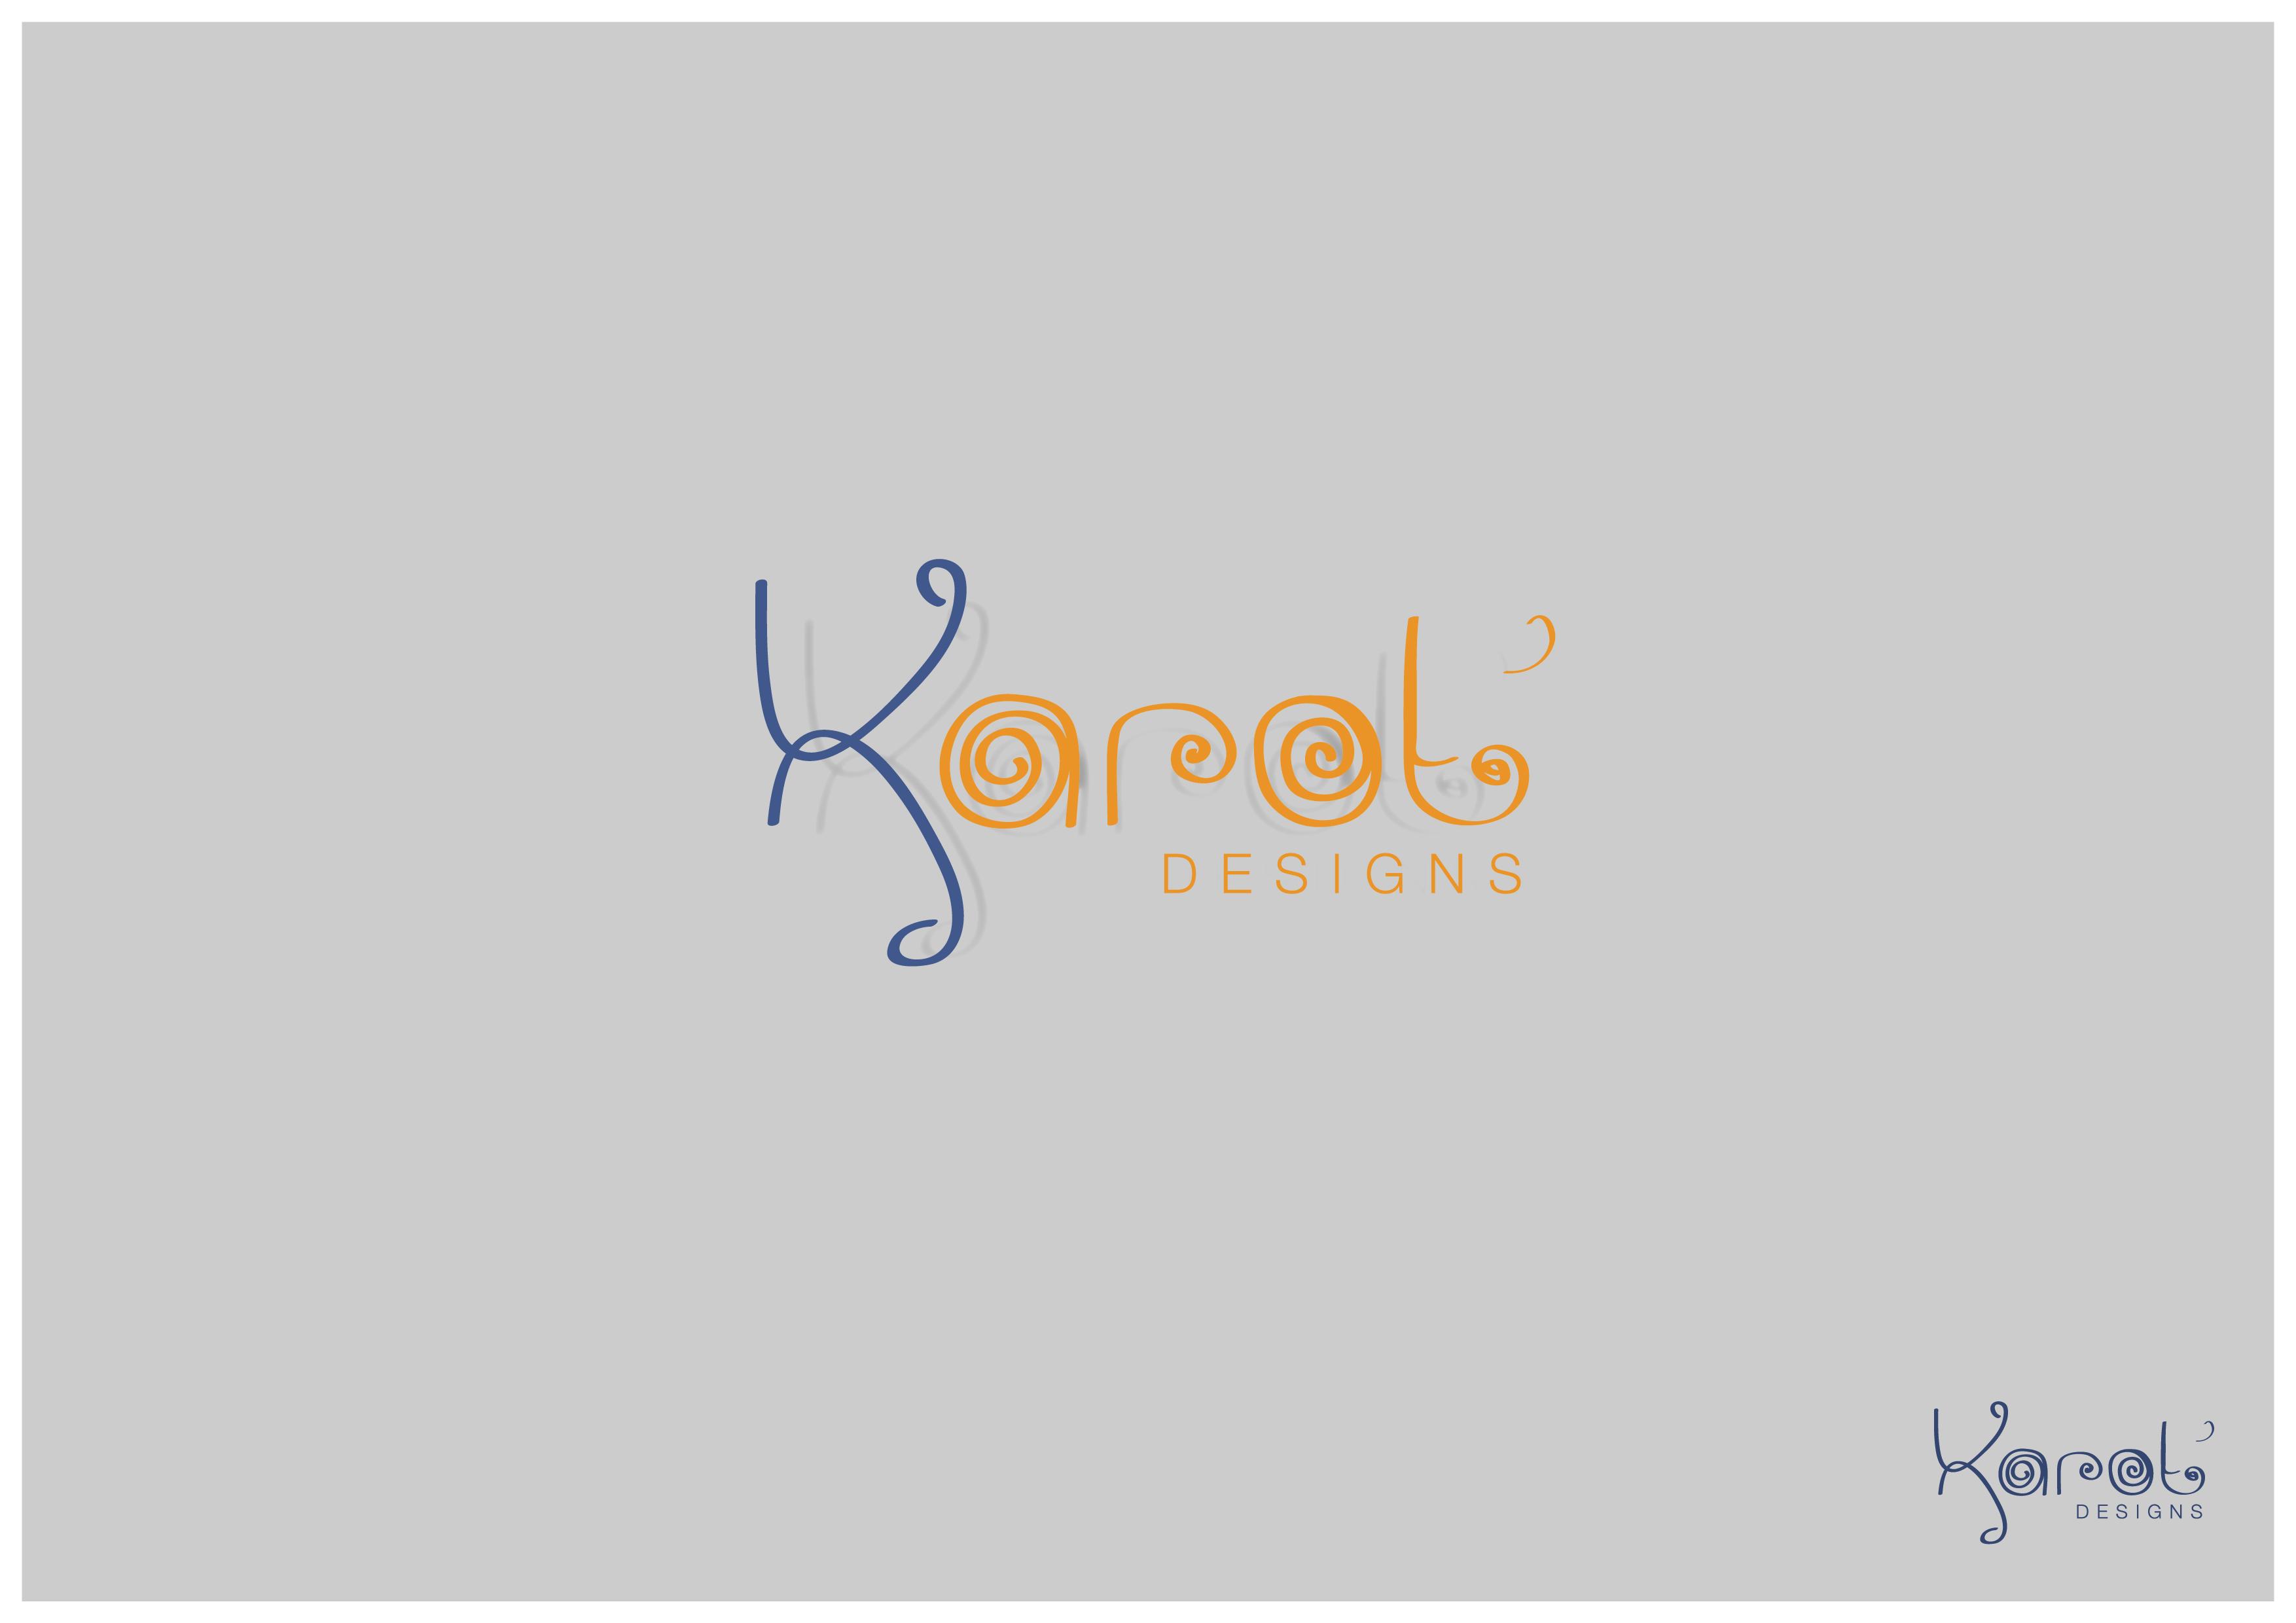 KAROT'DESIGN